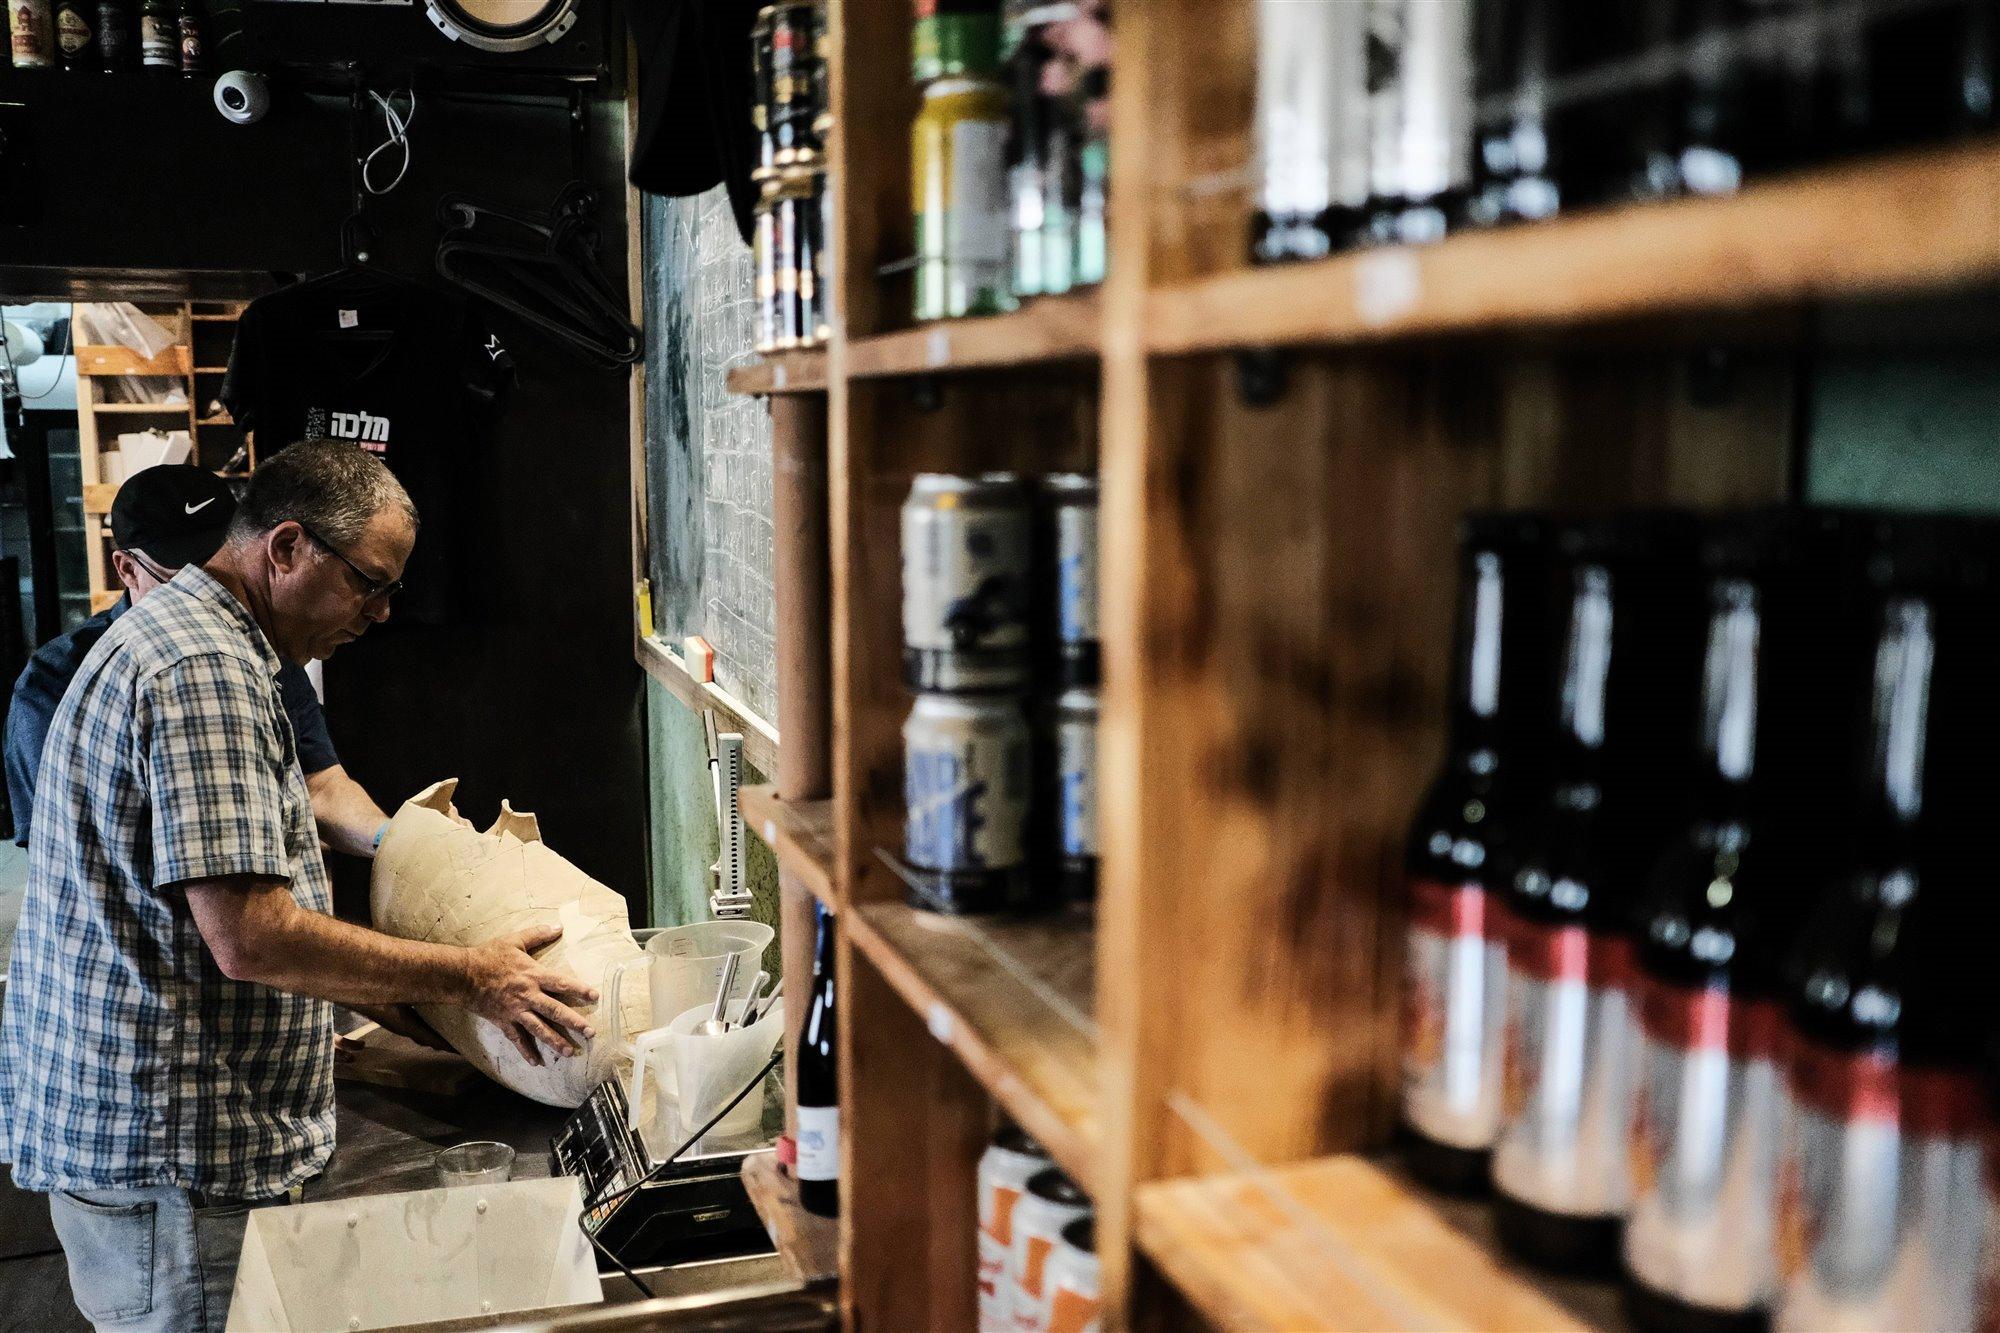 Los investigadores consiguieron, además, secuenciaron el genoma de las levaduras, demostrando que son similares a algunas bebidas tradicionales africanas actuales